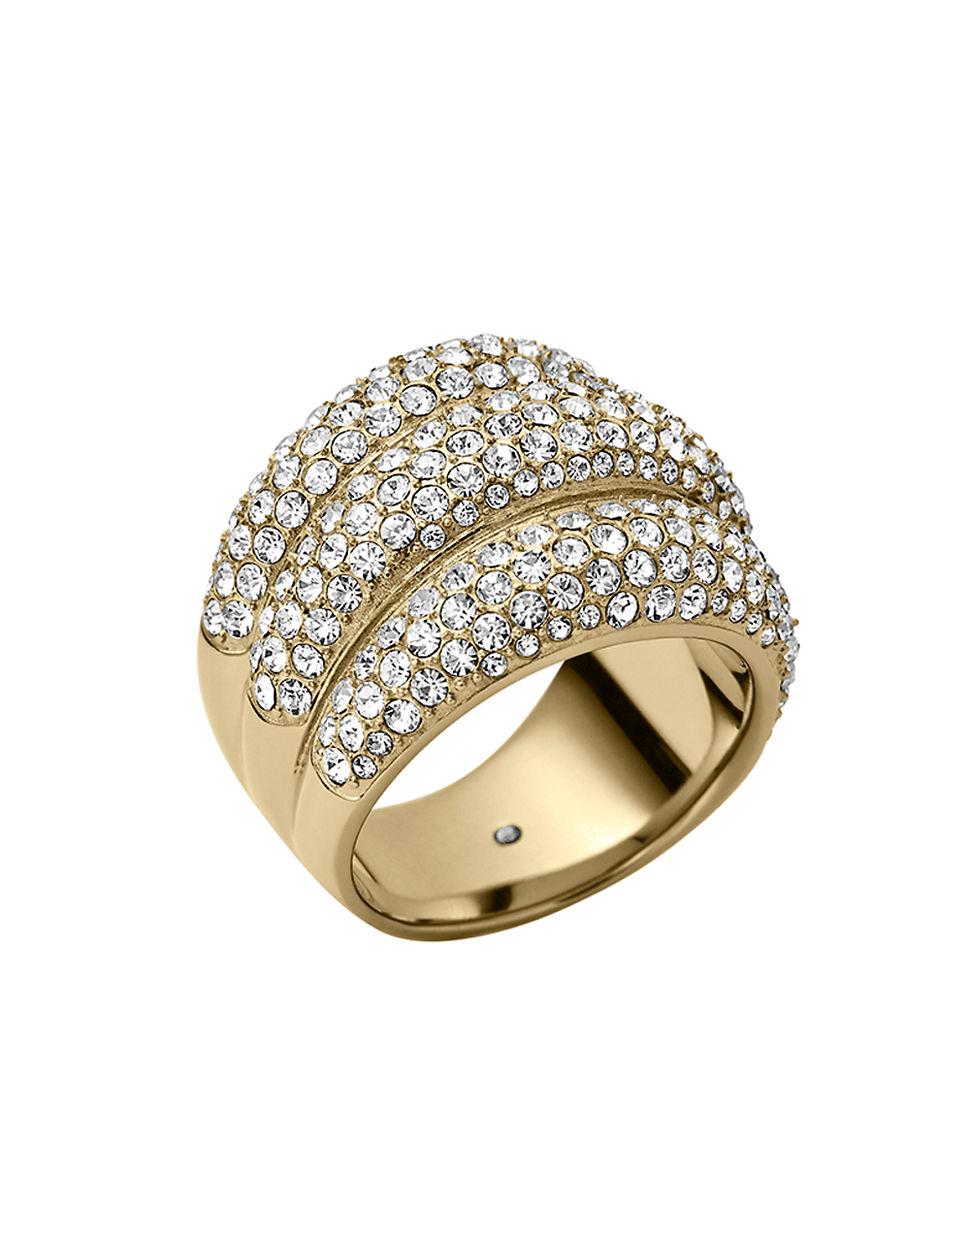 michael kors goldtone crystal triple stack ring in gold lyst. Black Bedroom Furniture Sets. Home Design Ideas